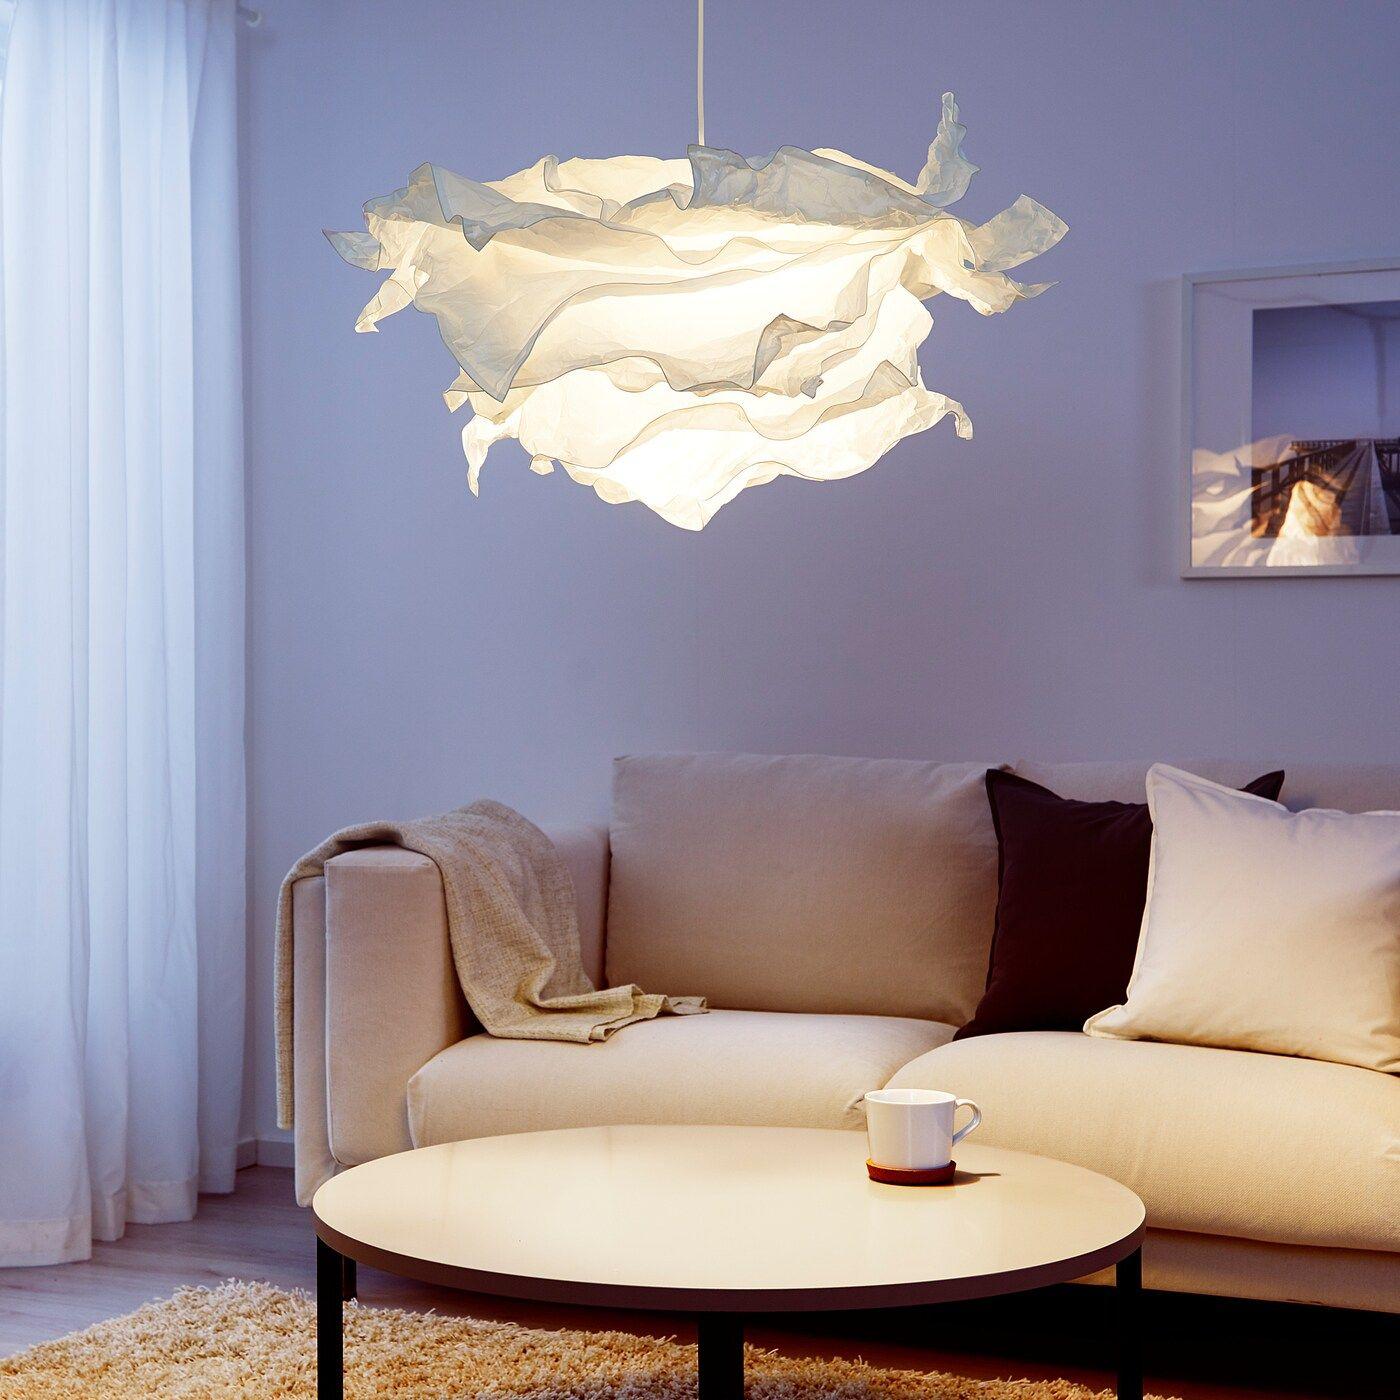 IKEA - KRUSNING Pendant lamp shade, White -   taklampa diy Lamp